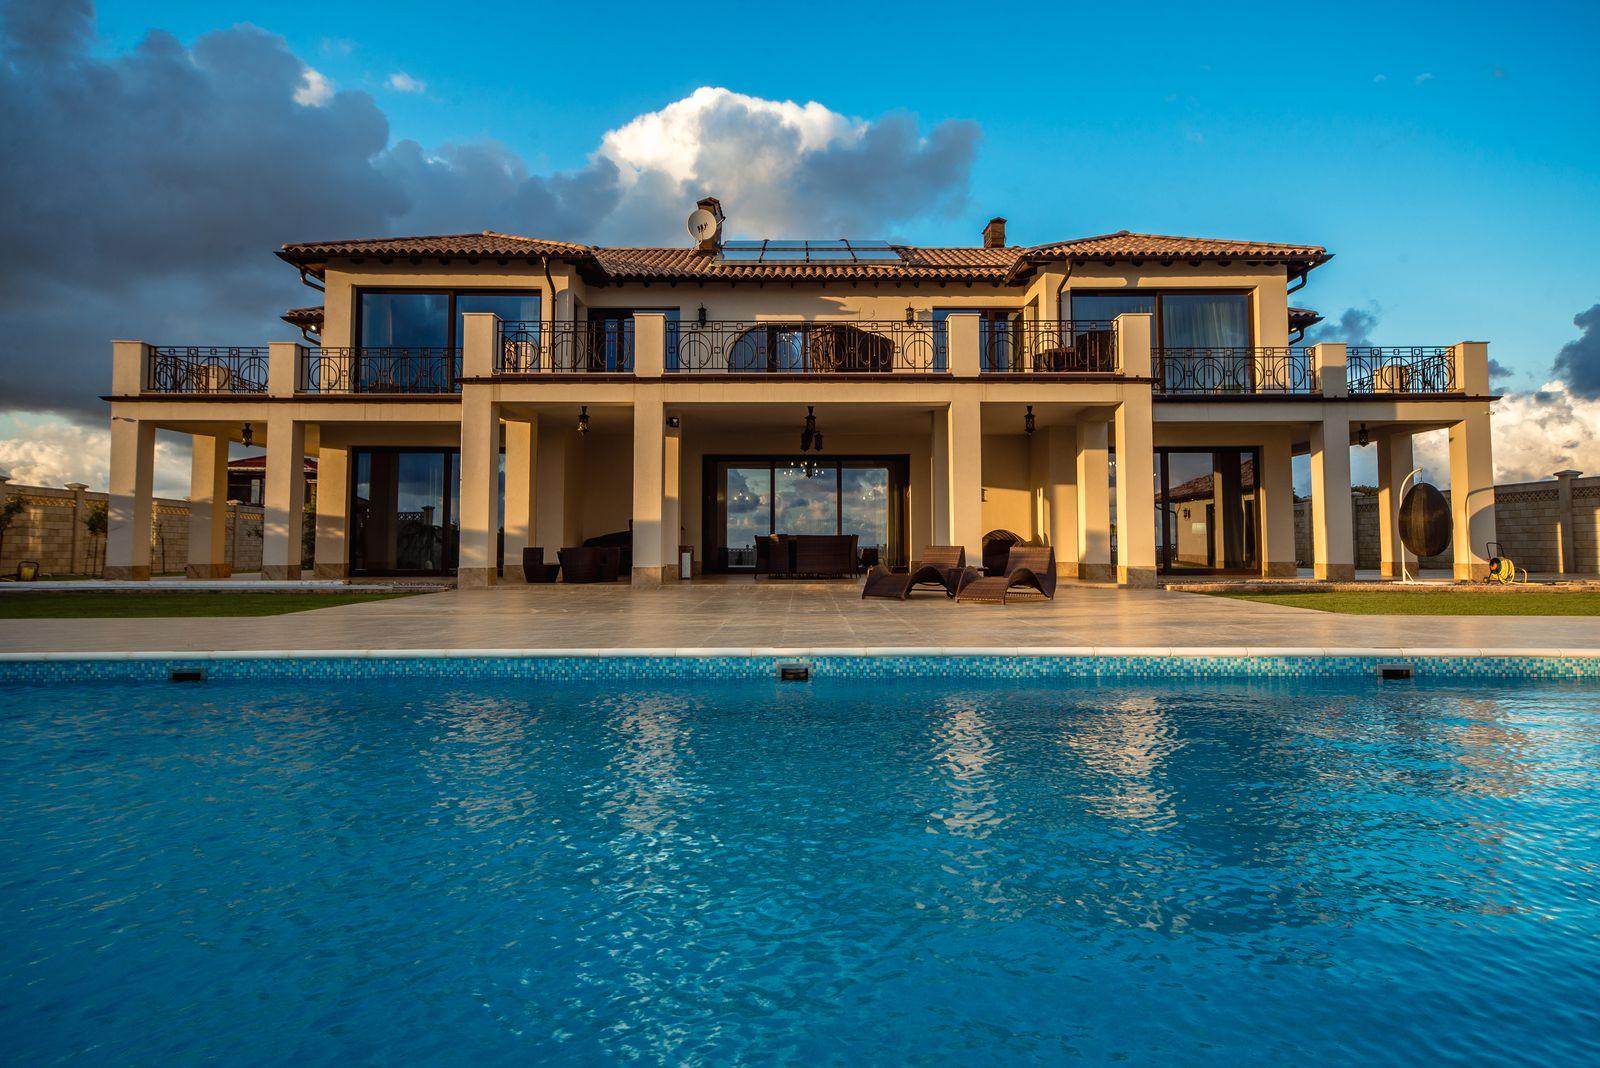 Está à venda por 6,5 milhões de euros